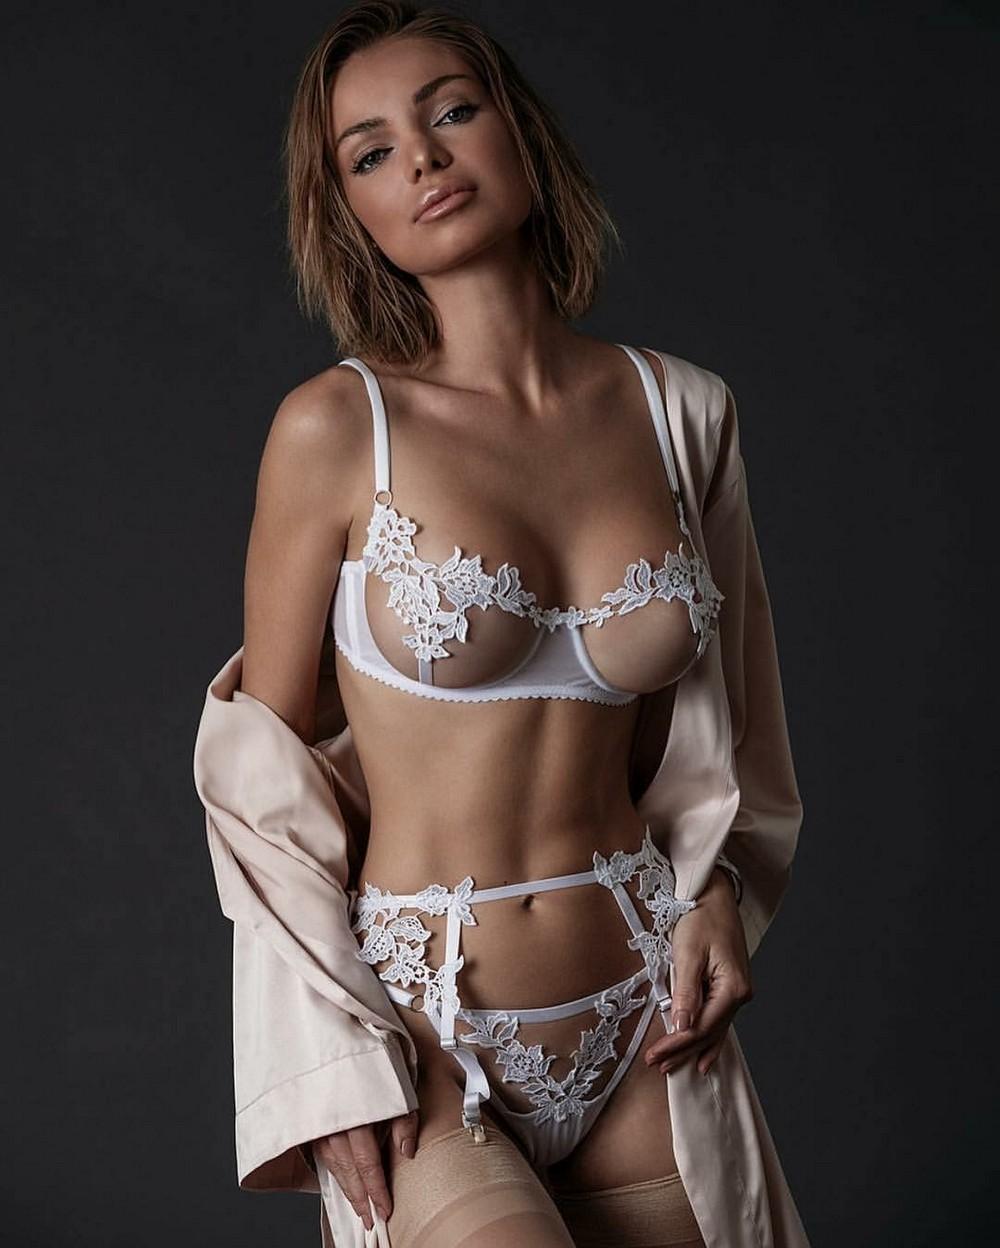 Красивые девушки мира в белье #12